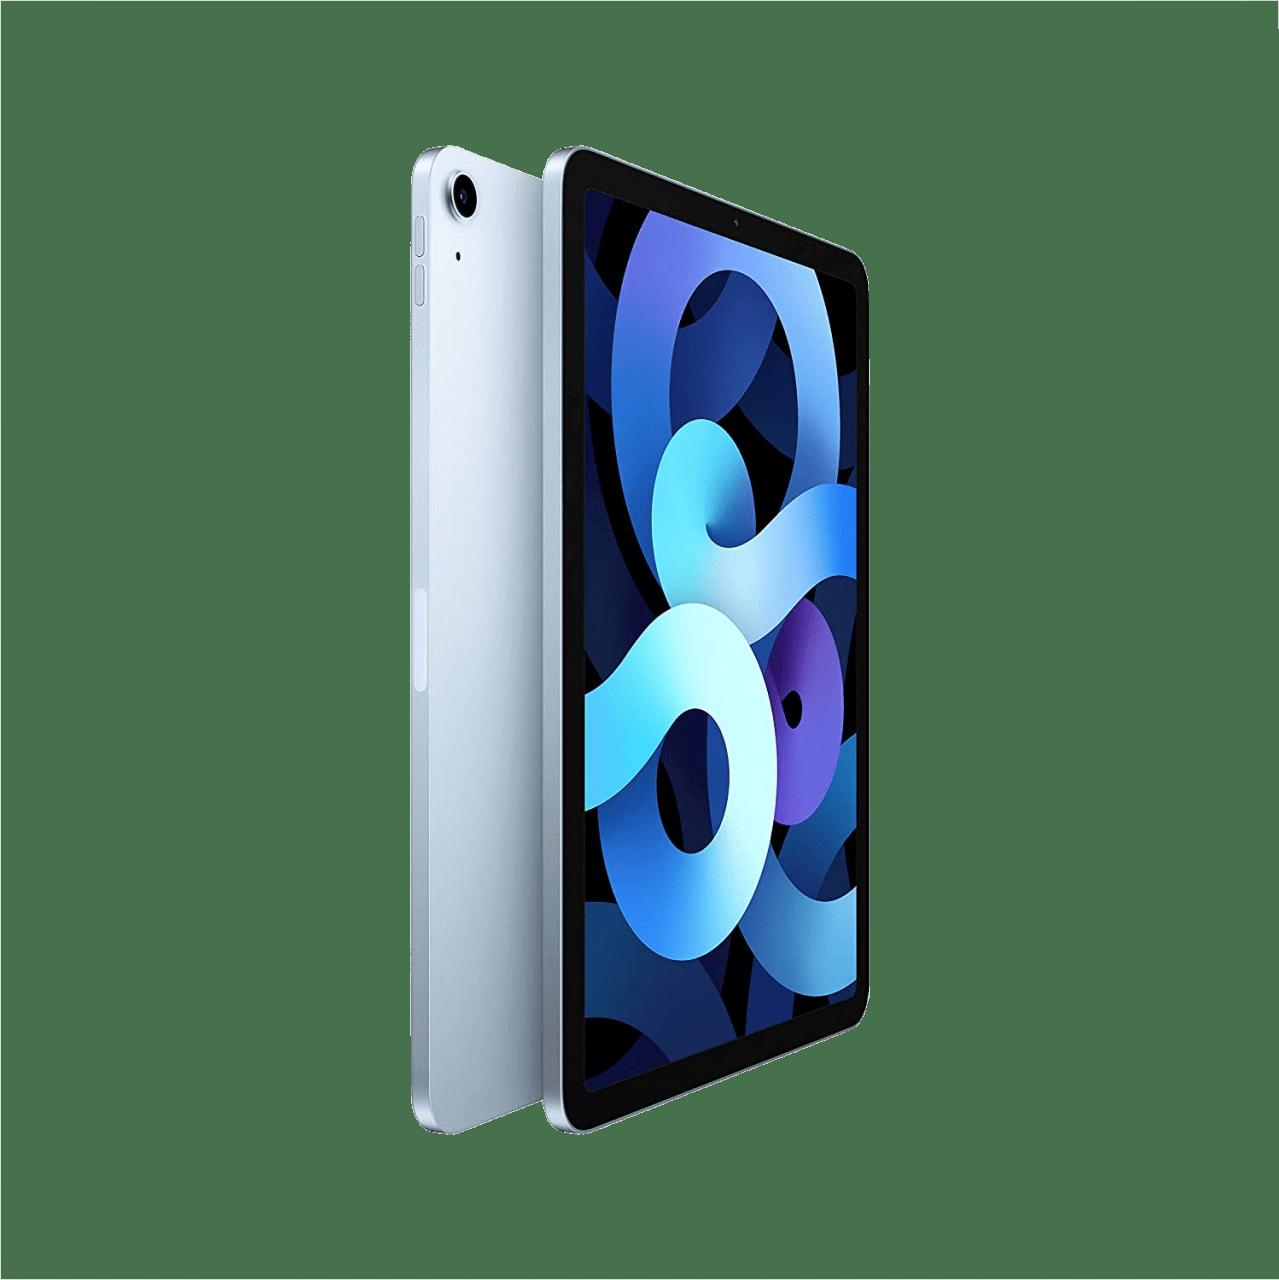 Sky Blue Apple iPad Air (2020) - LTE - iOS14 - 256GB.2